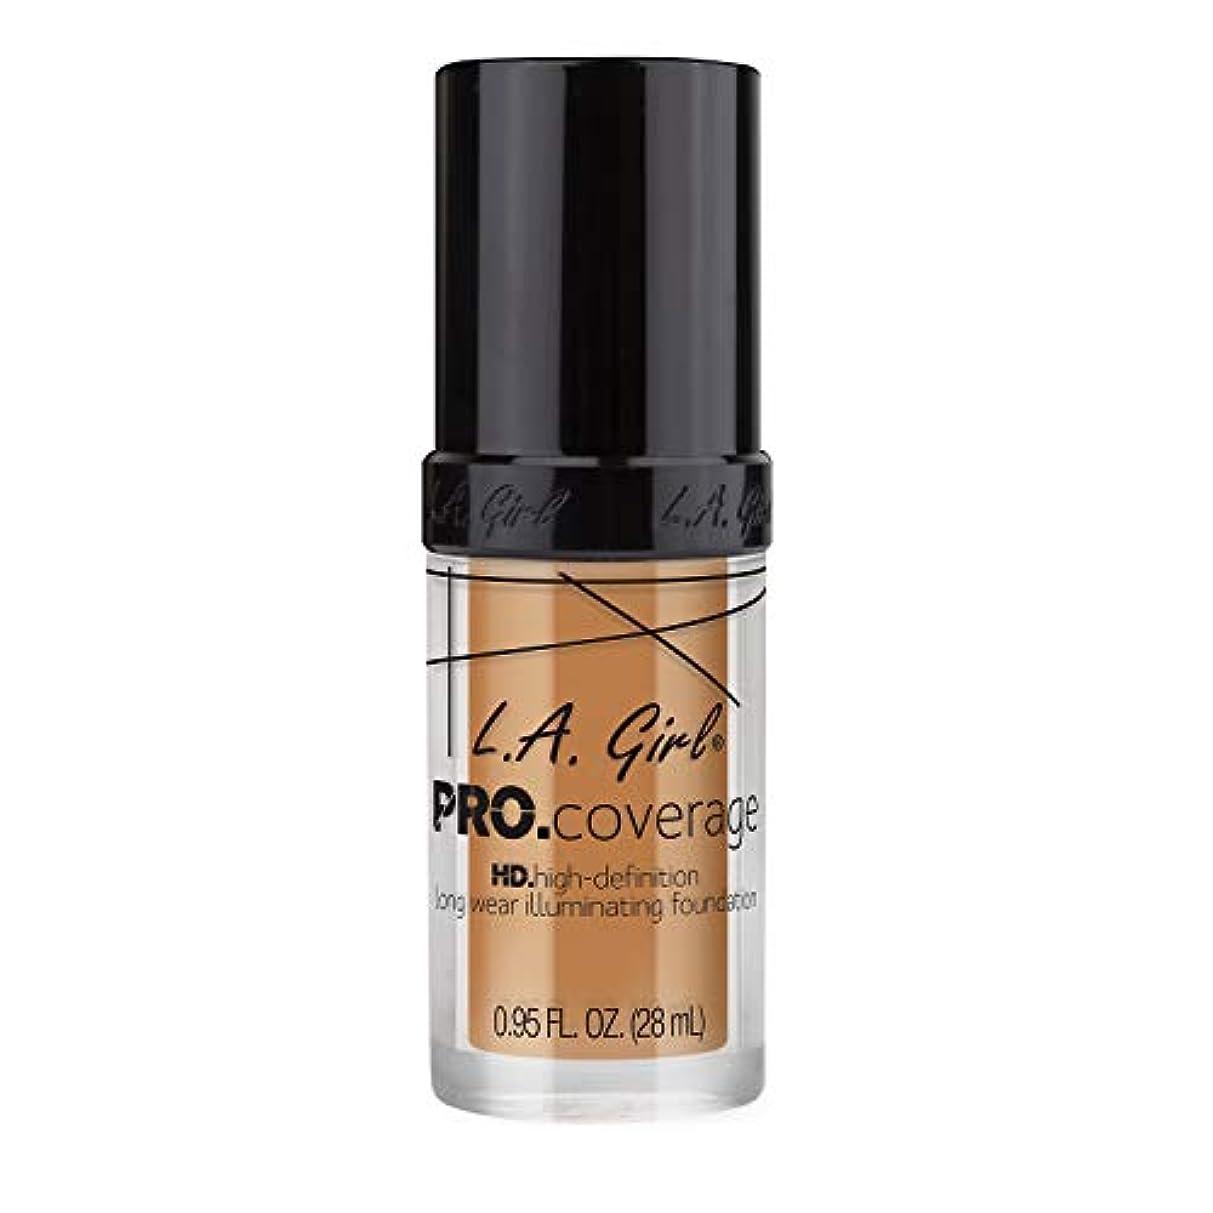 フクロウ証拠交通海外直送品 L.A. Girl Pro Coverage Liquid Foundation 28ml, Nude Beige